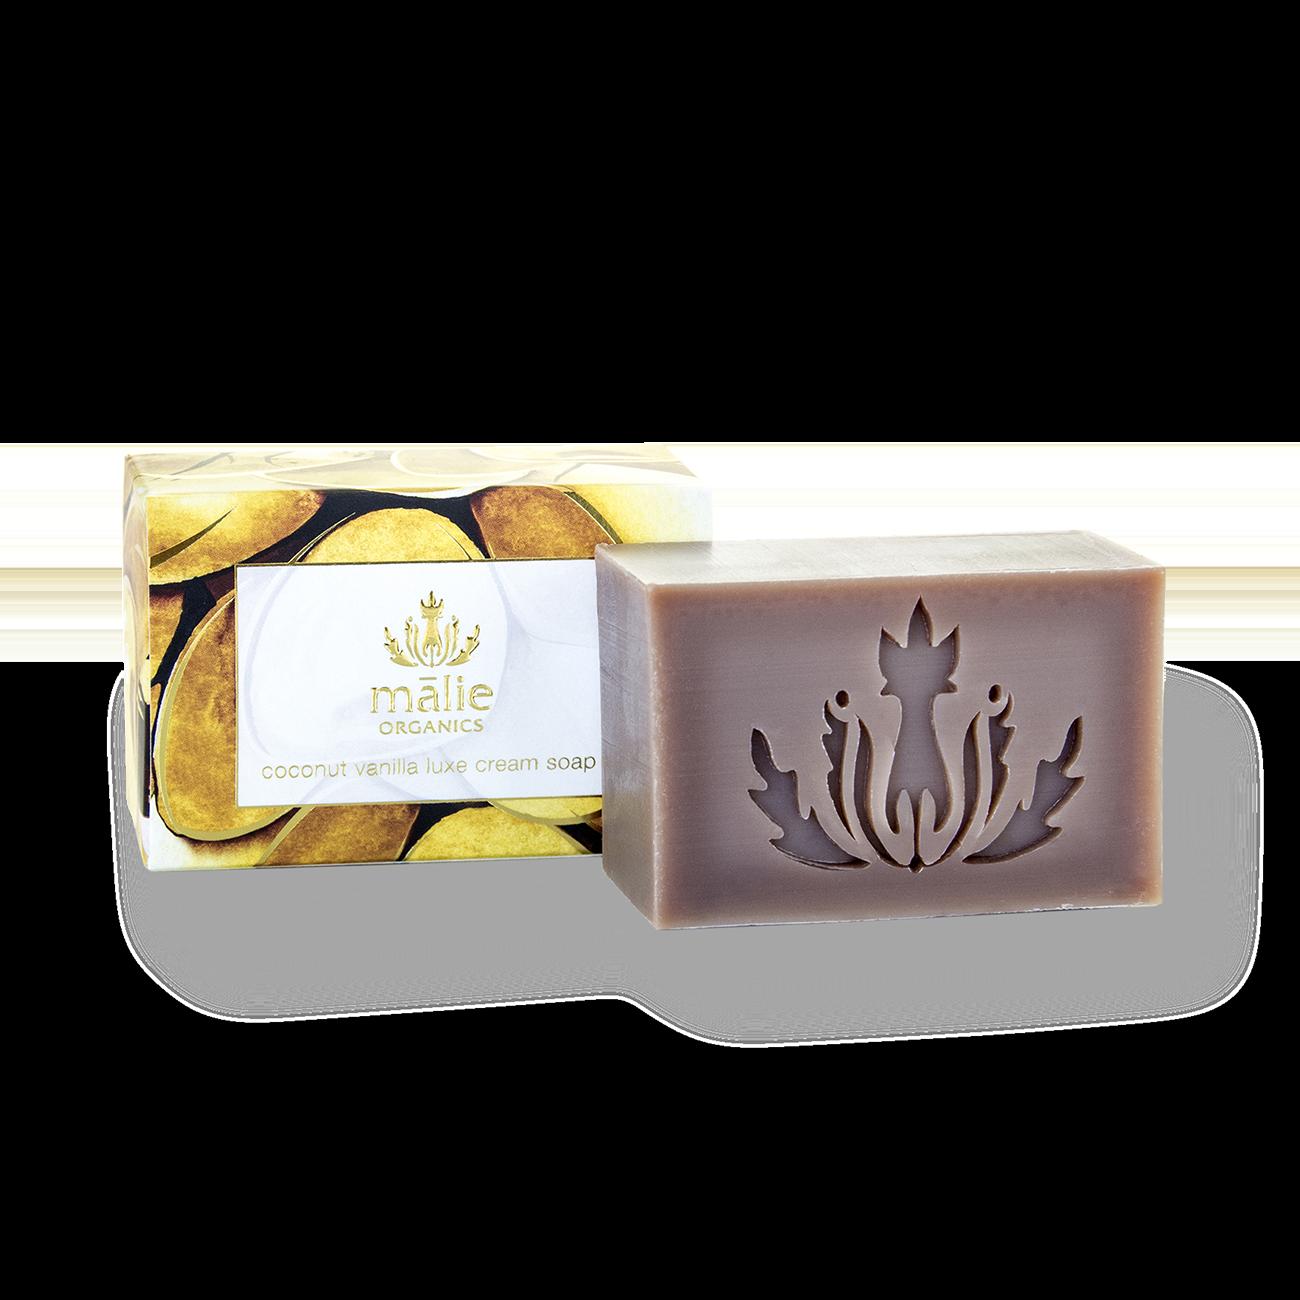 Coconut Vanilla Luxe Cream Soap